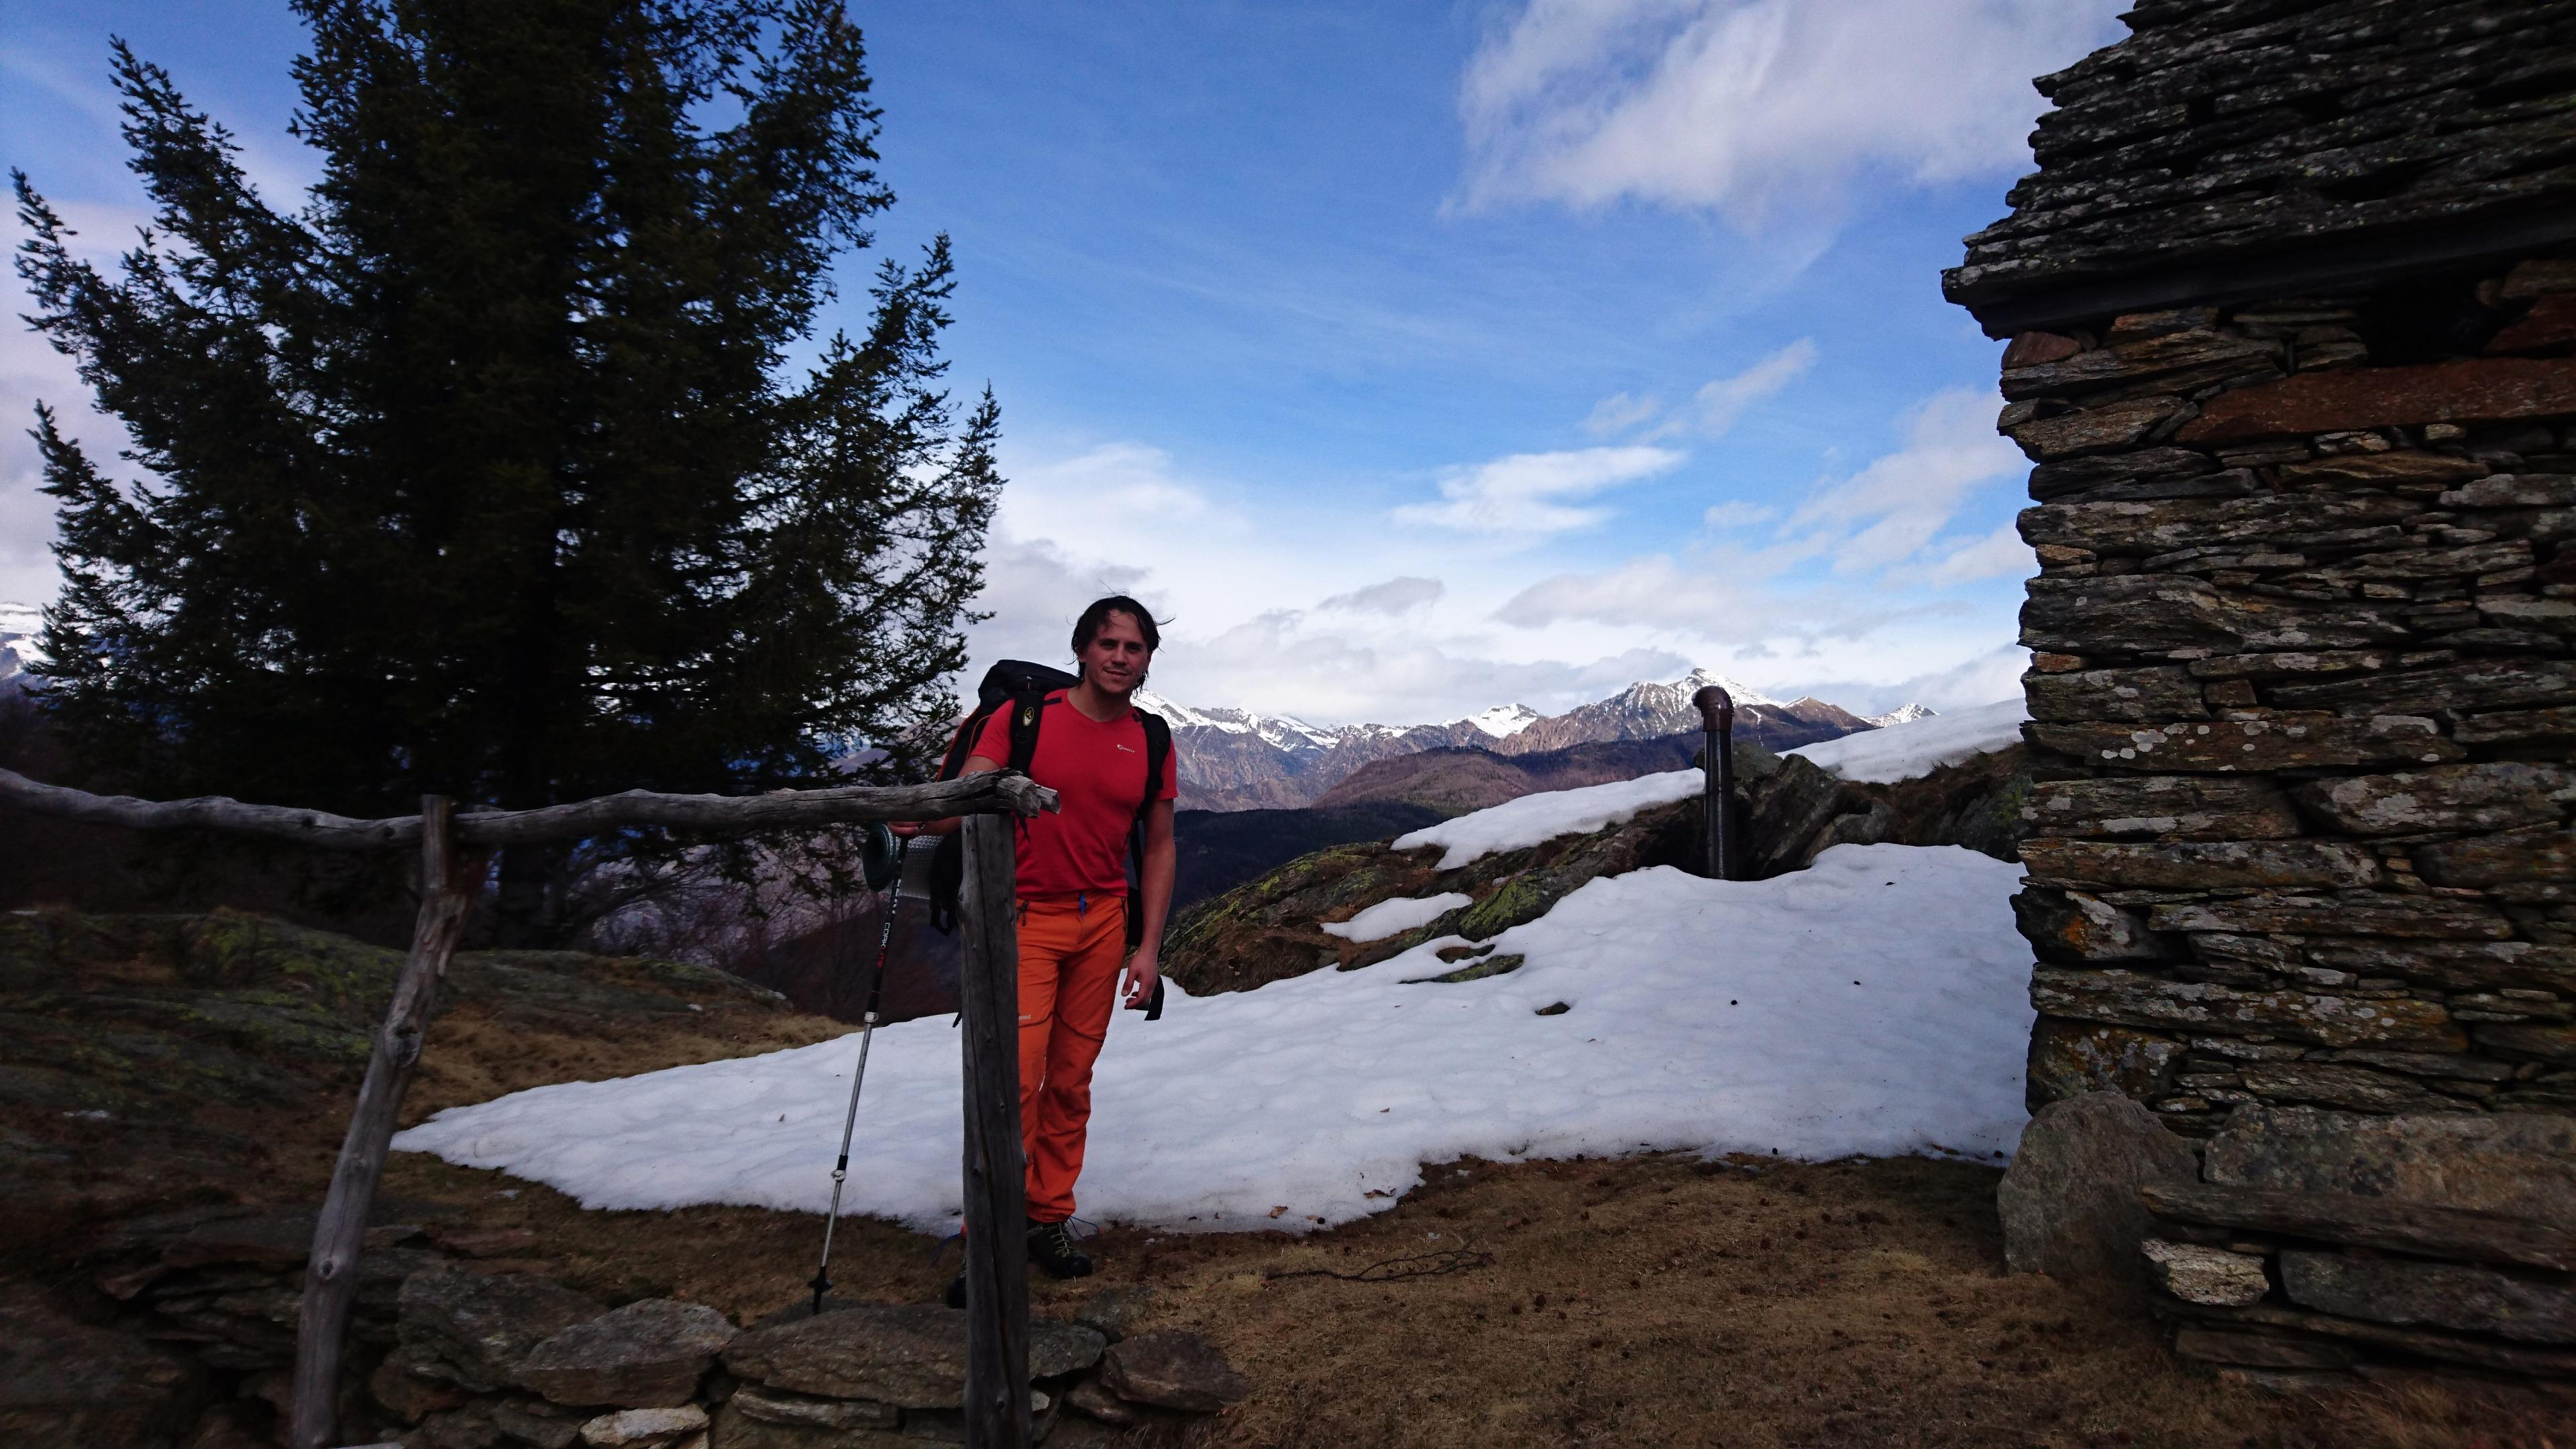 arrivati all'Alpe Drisoni iniziamo ad avere dubbi sulla riuscita della nostra escursione: gli accumuli di neve sono ancora importanti e l'esposizione di questo versante ci fa presagire che la situazione non migliorerà